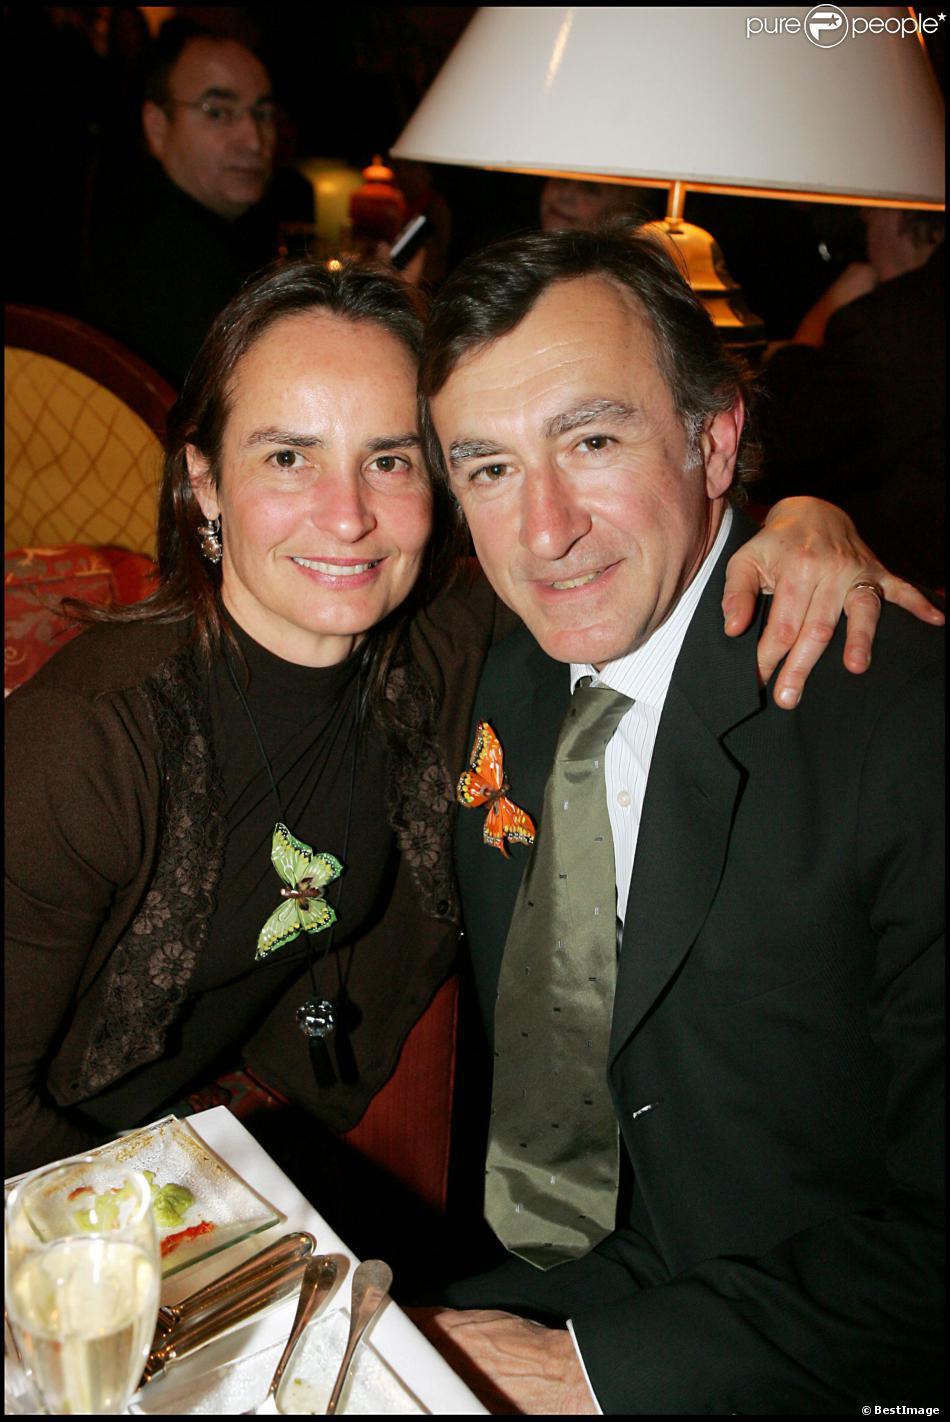 Christophe Malavoy et sa femme Isabelle lors d'une soirée au Hyatt Regency à Paris le 21 mars 2006